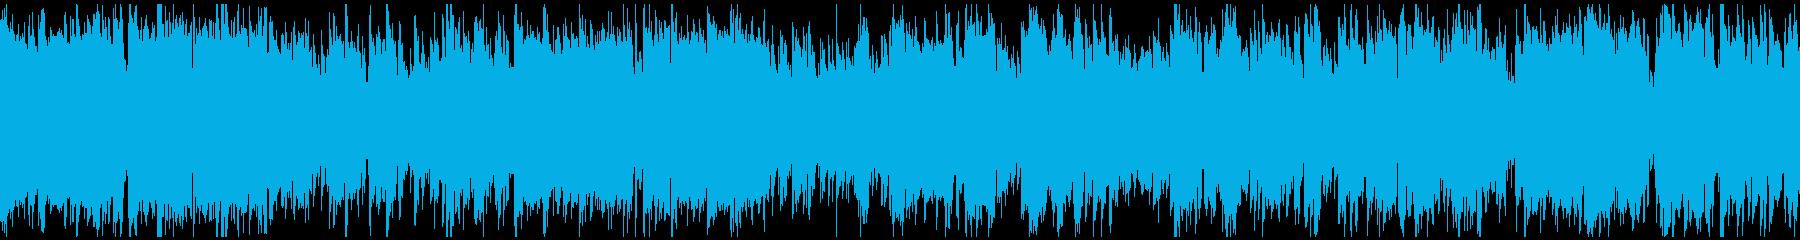 ジャズ+ドラムンベース ※ループ仕様版の再生済みの波形